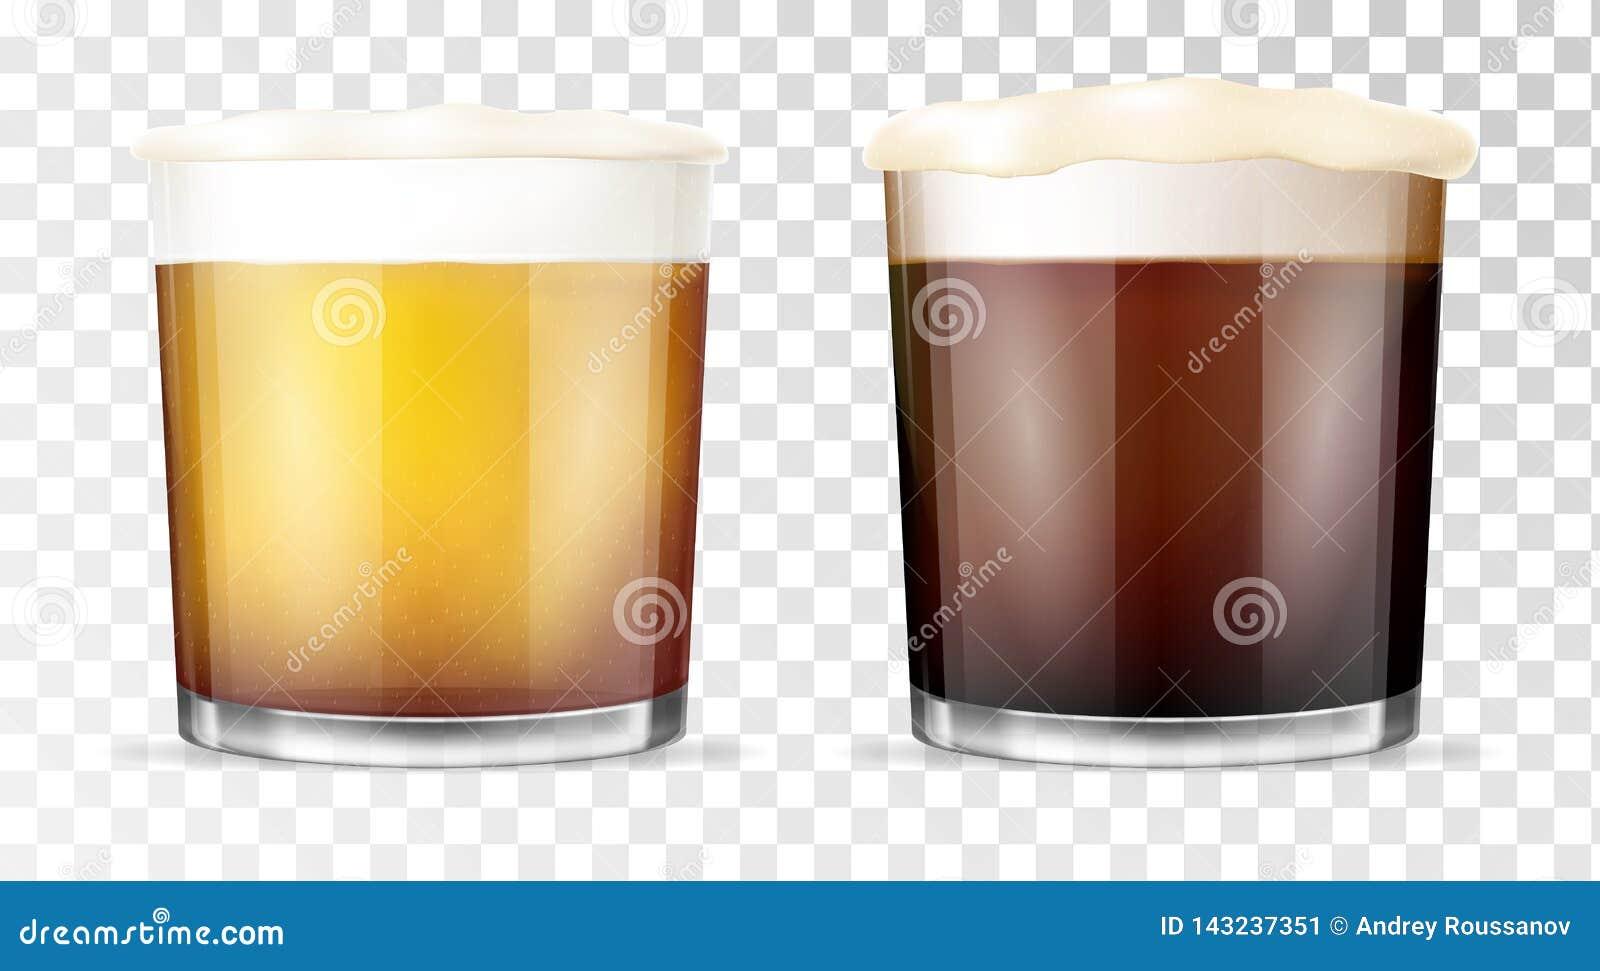 Glace de bière Cuvette transparente